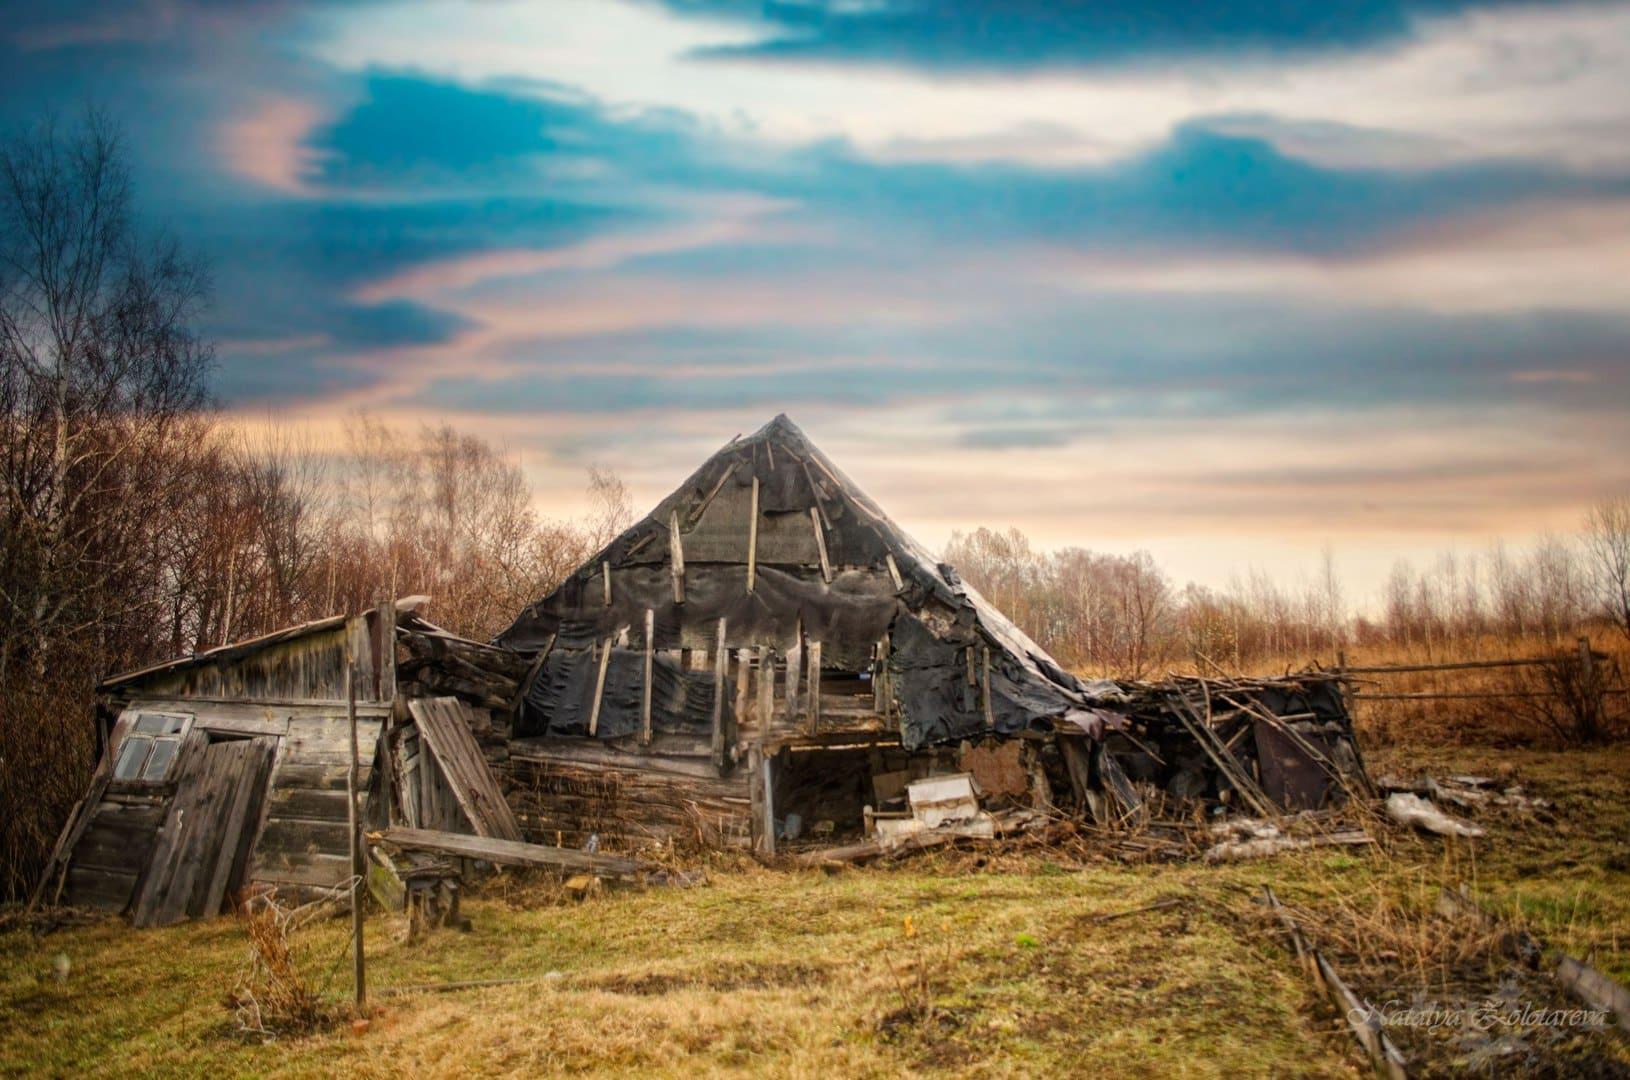 фото разрушенных домов в деревне говорю тех, кто